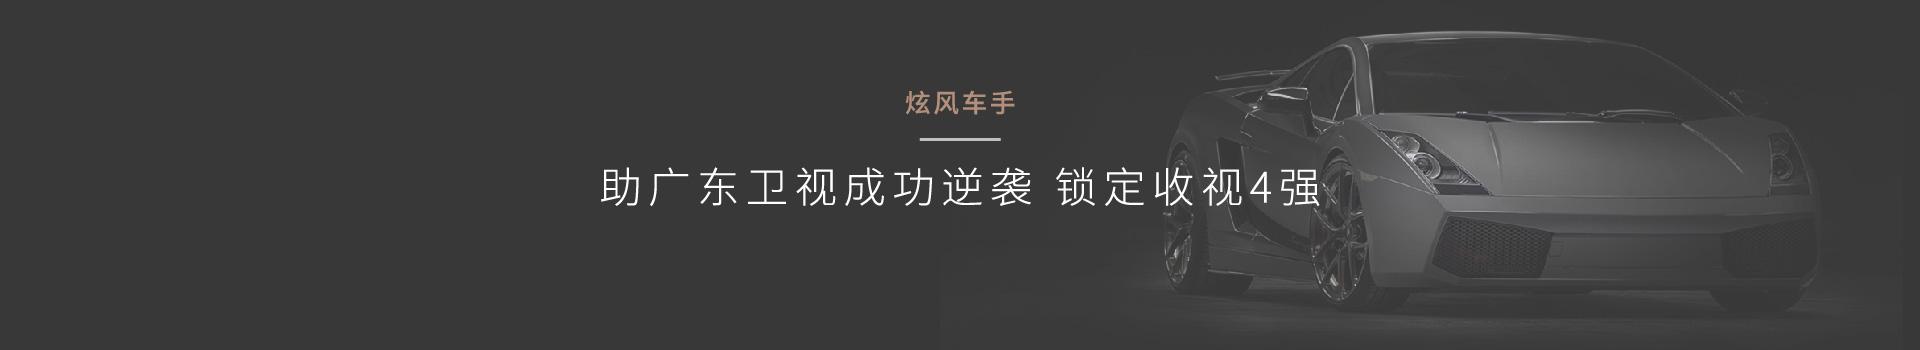 上海营销咨询公司炫风车手定义精准人群,借力大腕、网络等策划案例鼠标划过效果